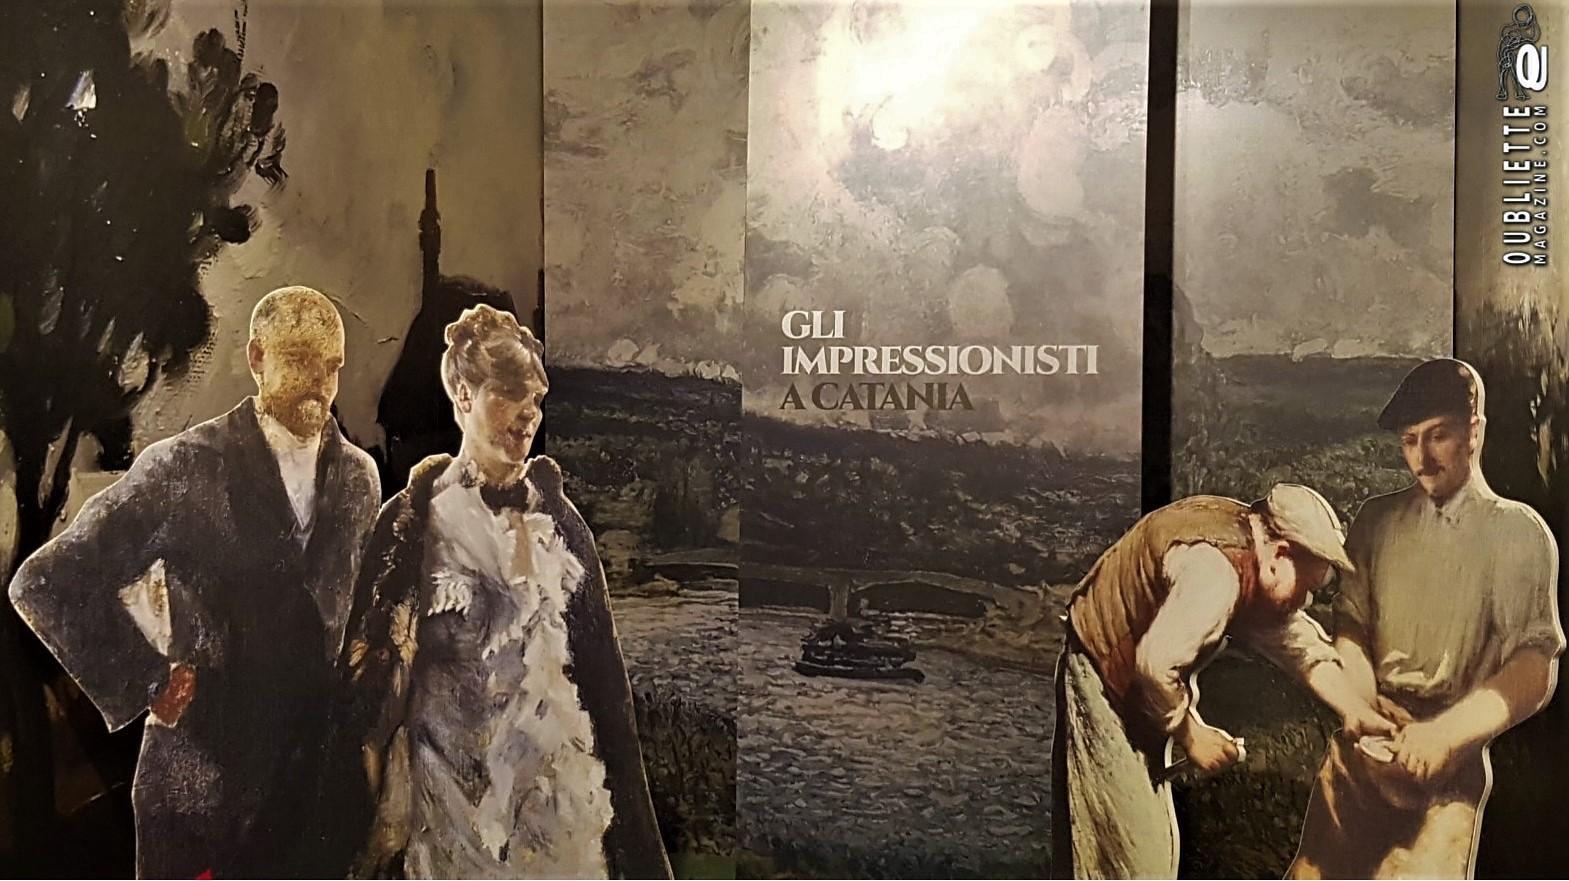 """""""Gli impressionisti a Catania"""": la ricerca di risposta ai cambiamenti di un'epoca, visitabile sino al 21 aprile 2019"""